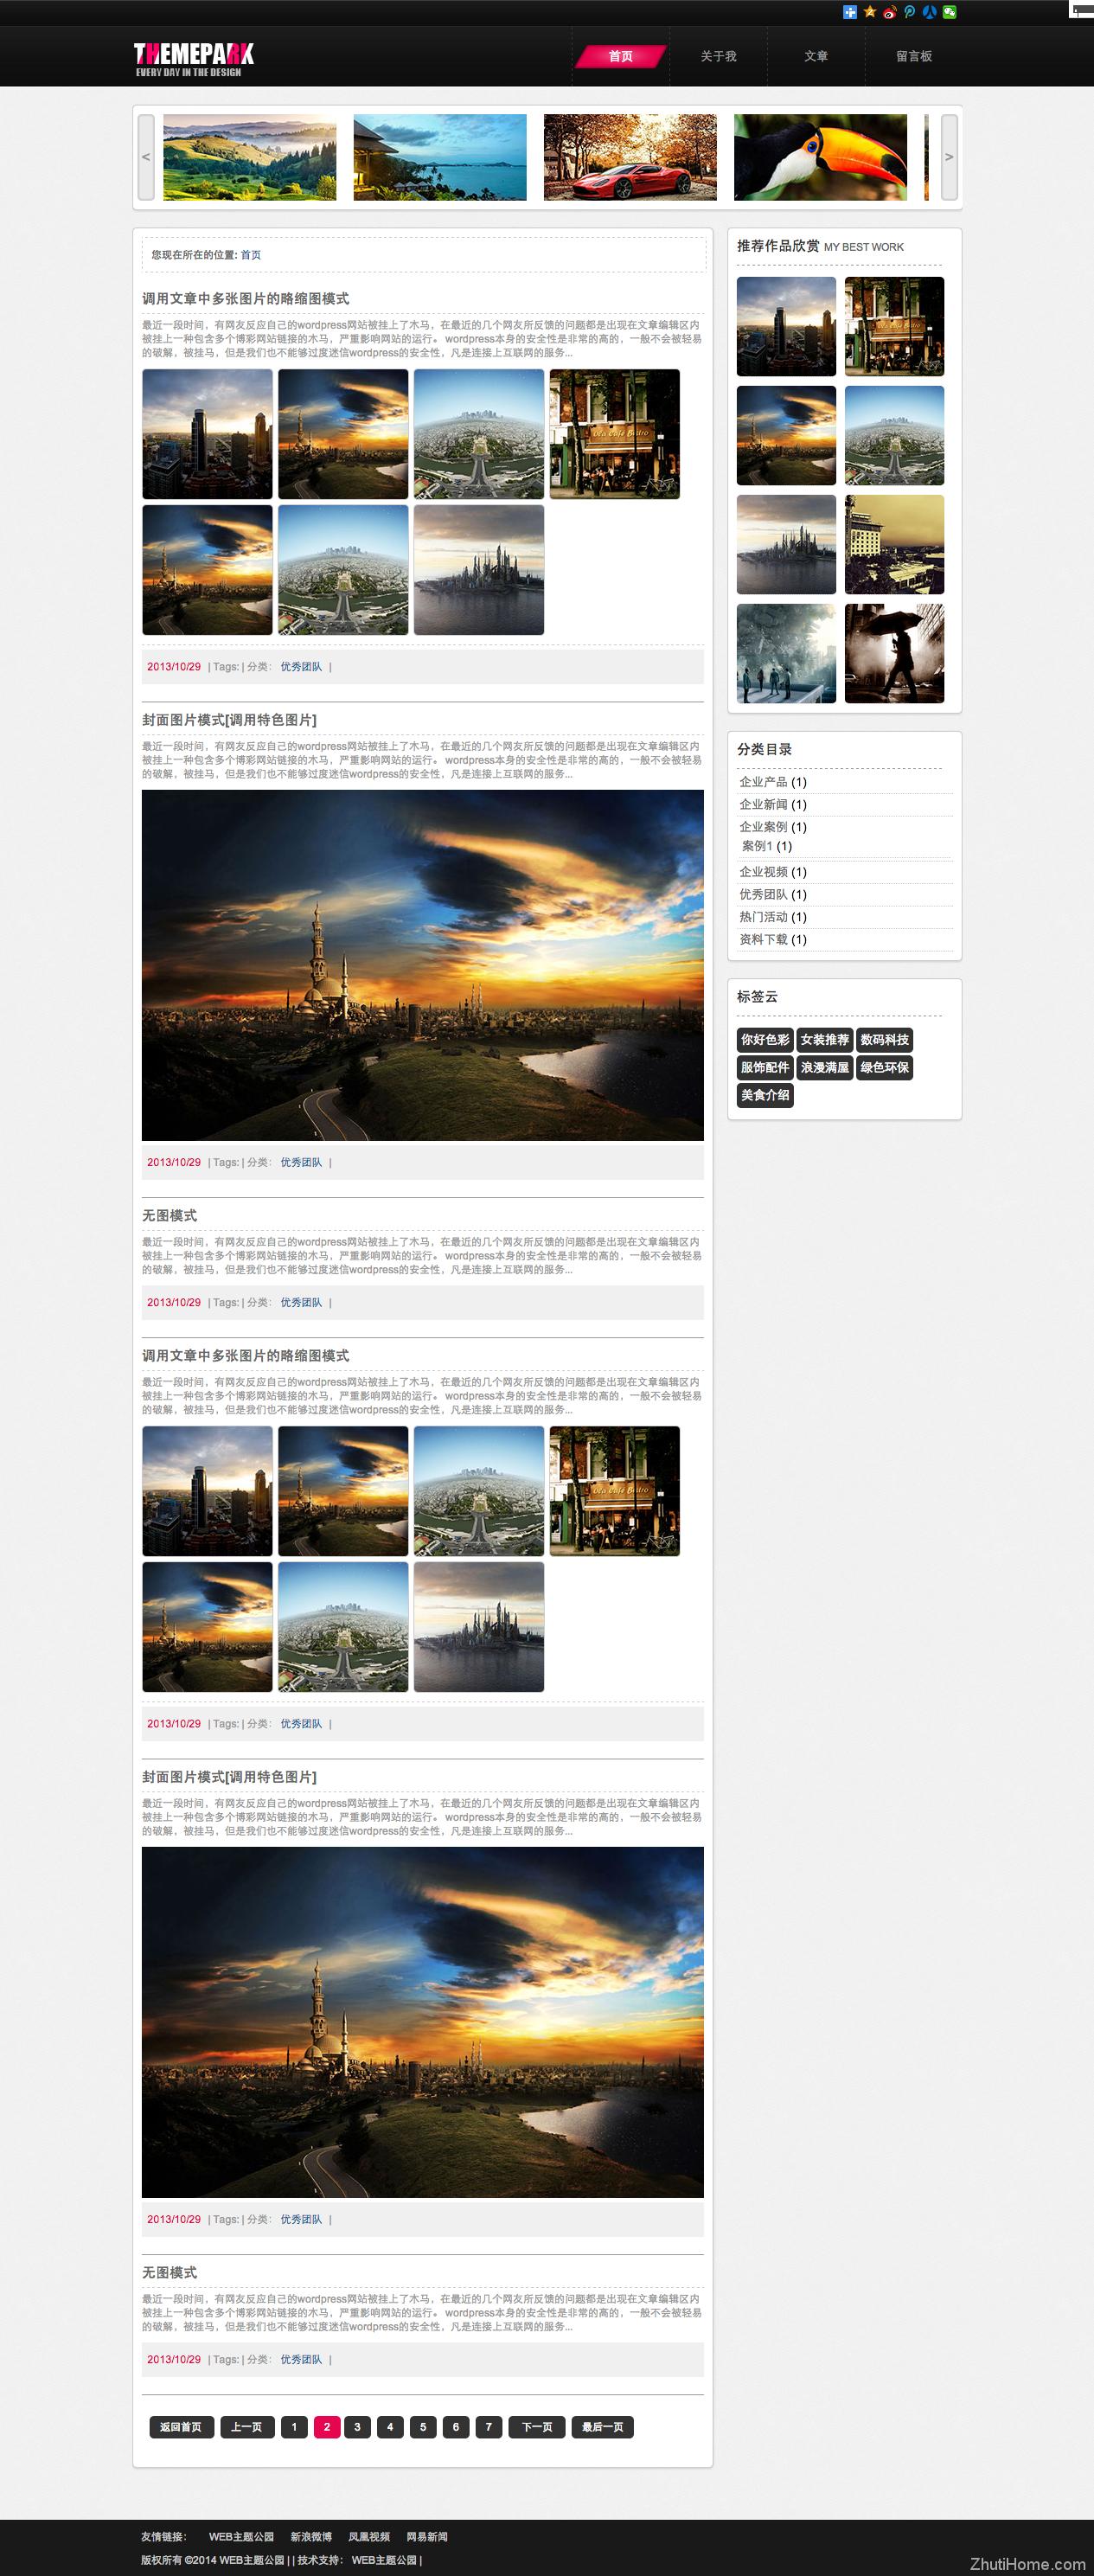 国人原创酷黑杂志设计类WordPress主题:Magazine_designer